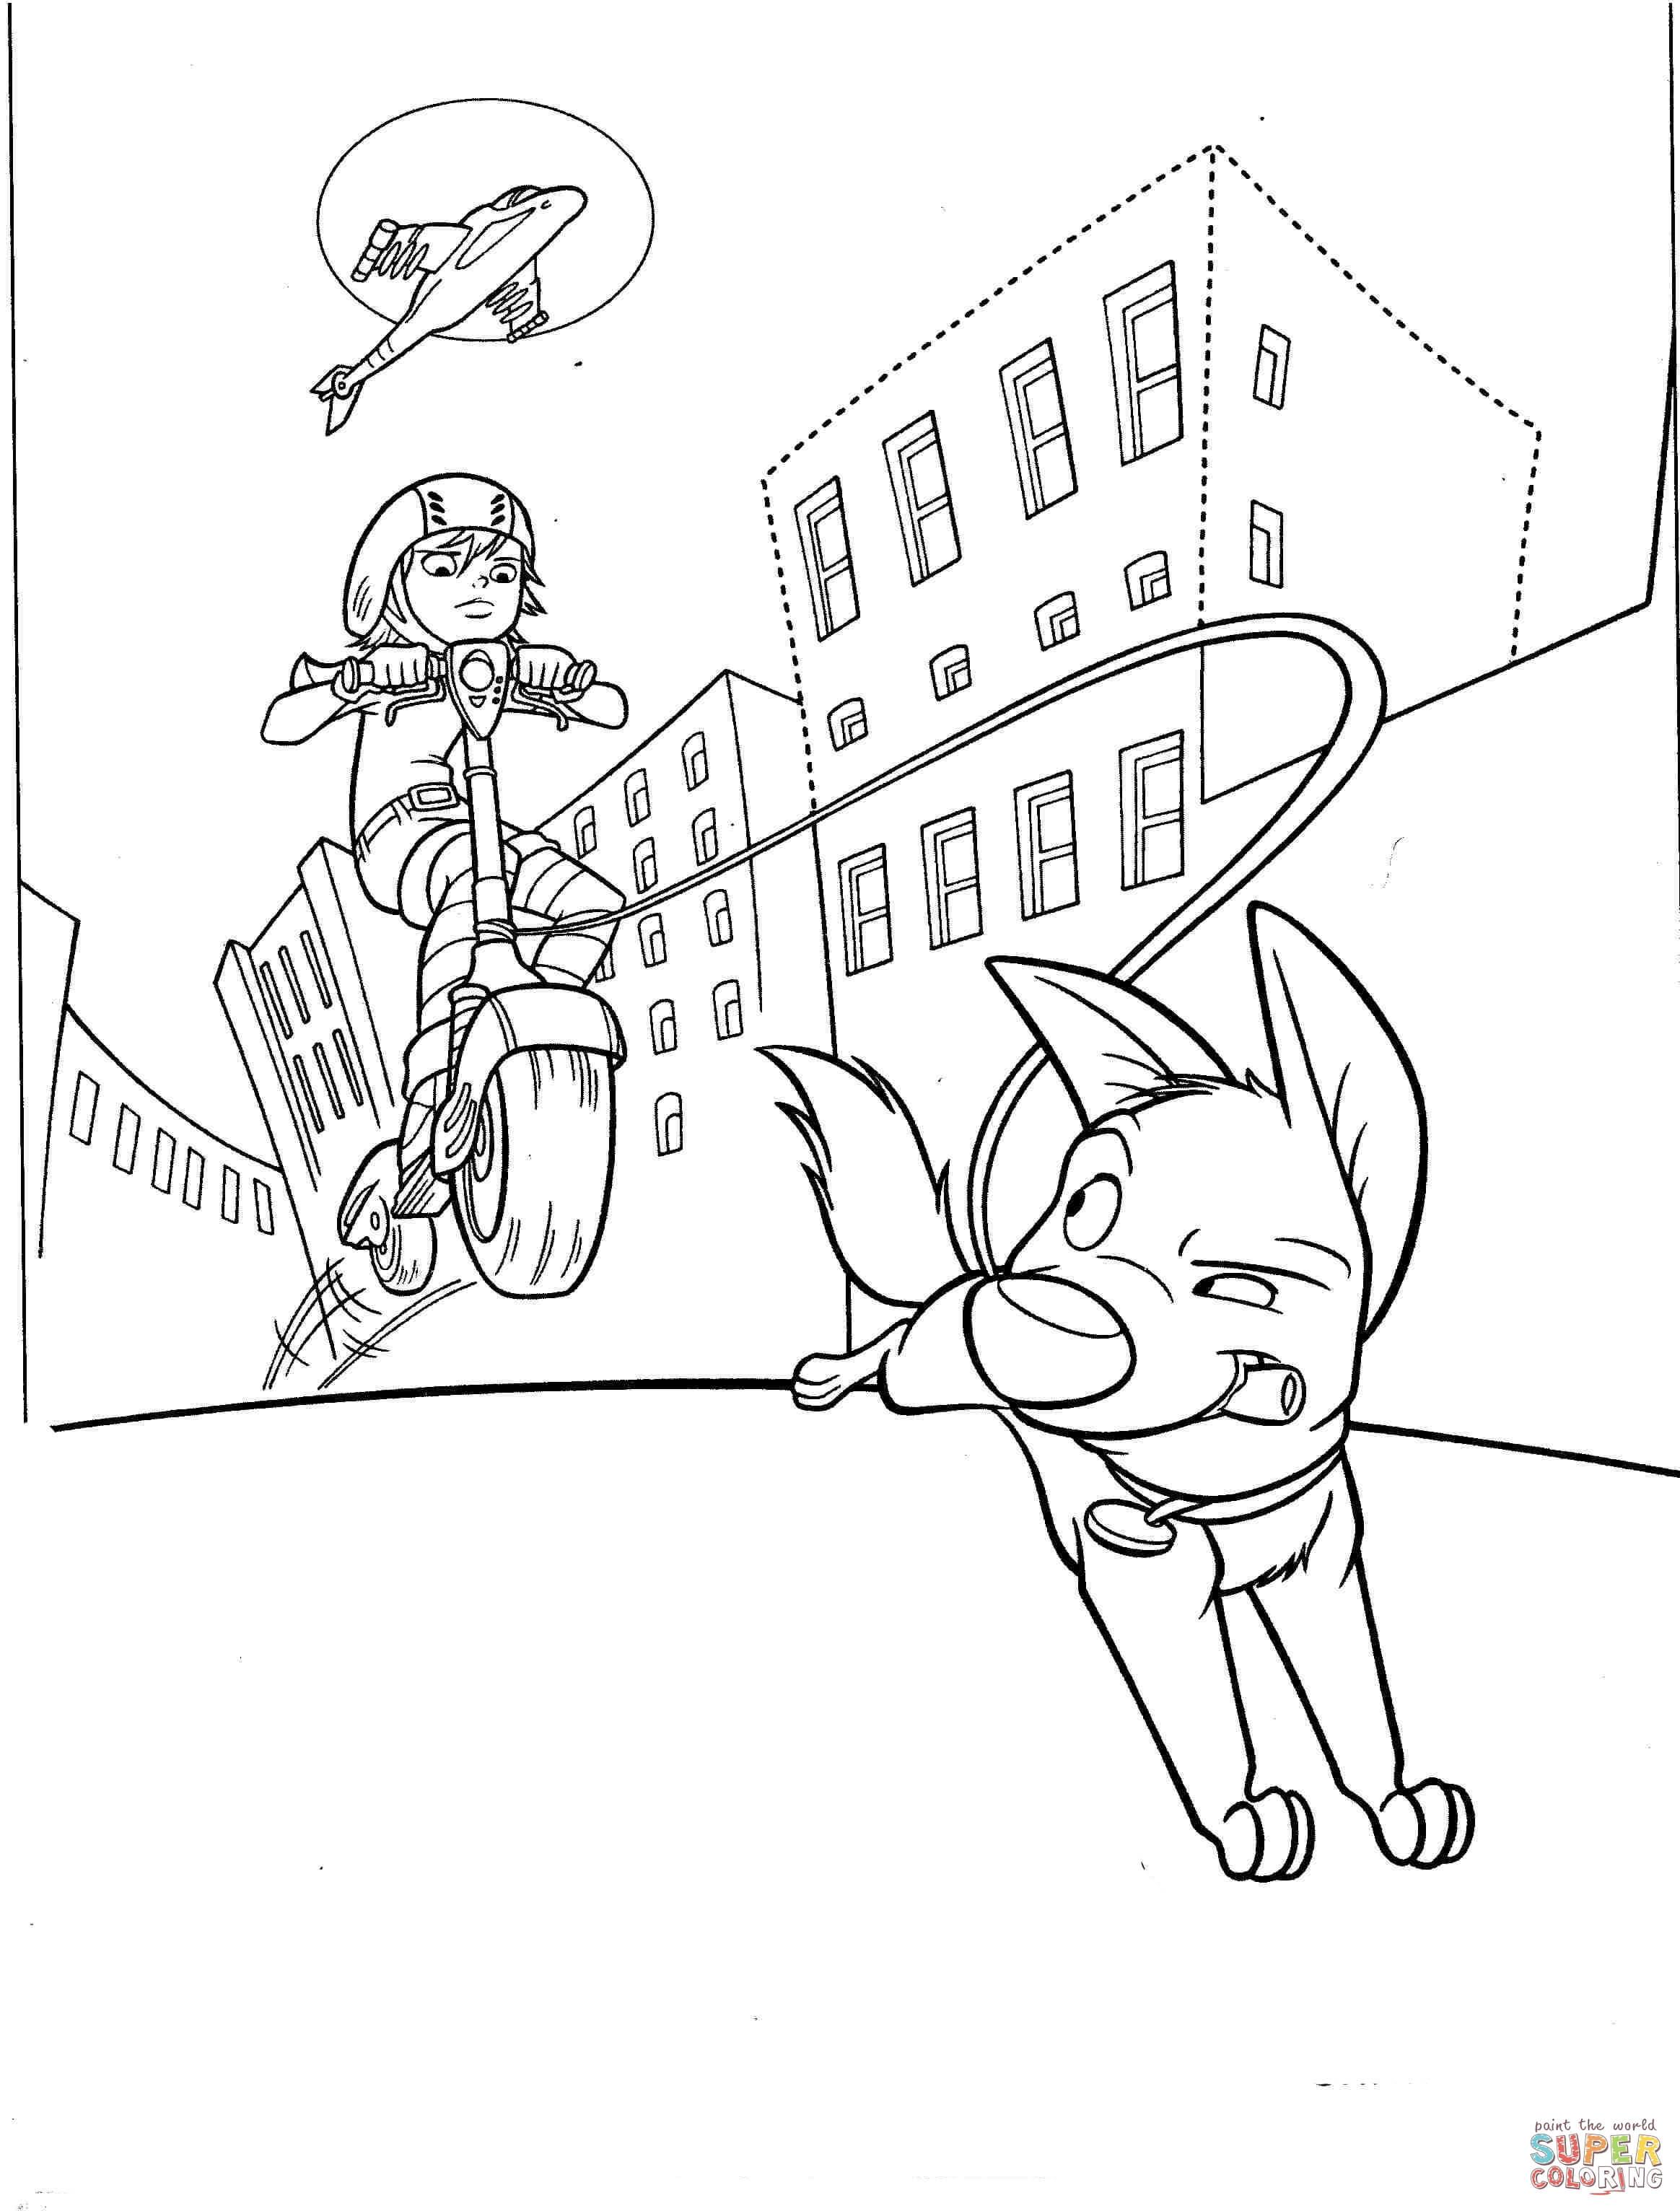 Penny Coloring Sheet Preschool Sketch Coloring Page